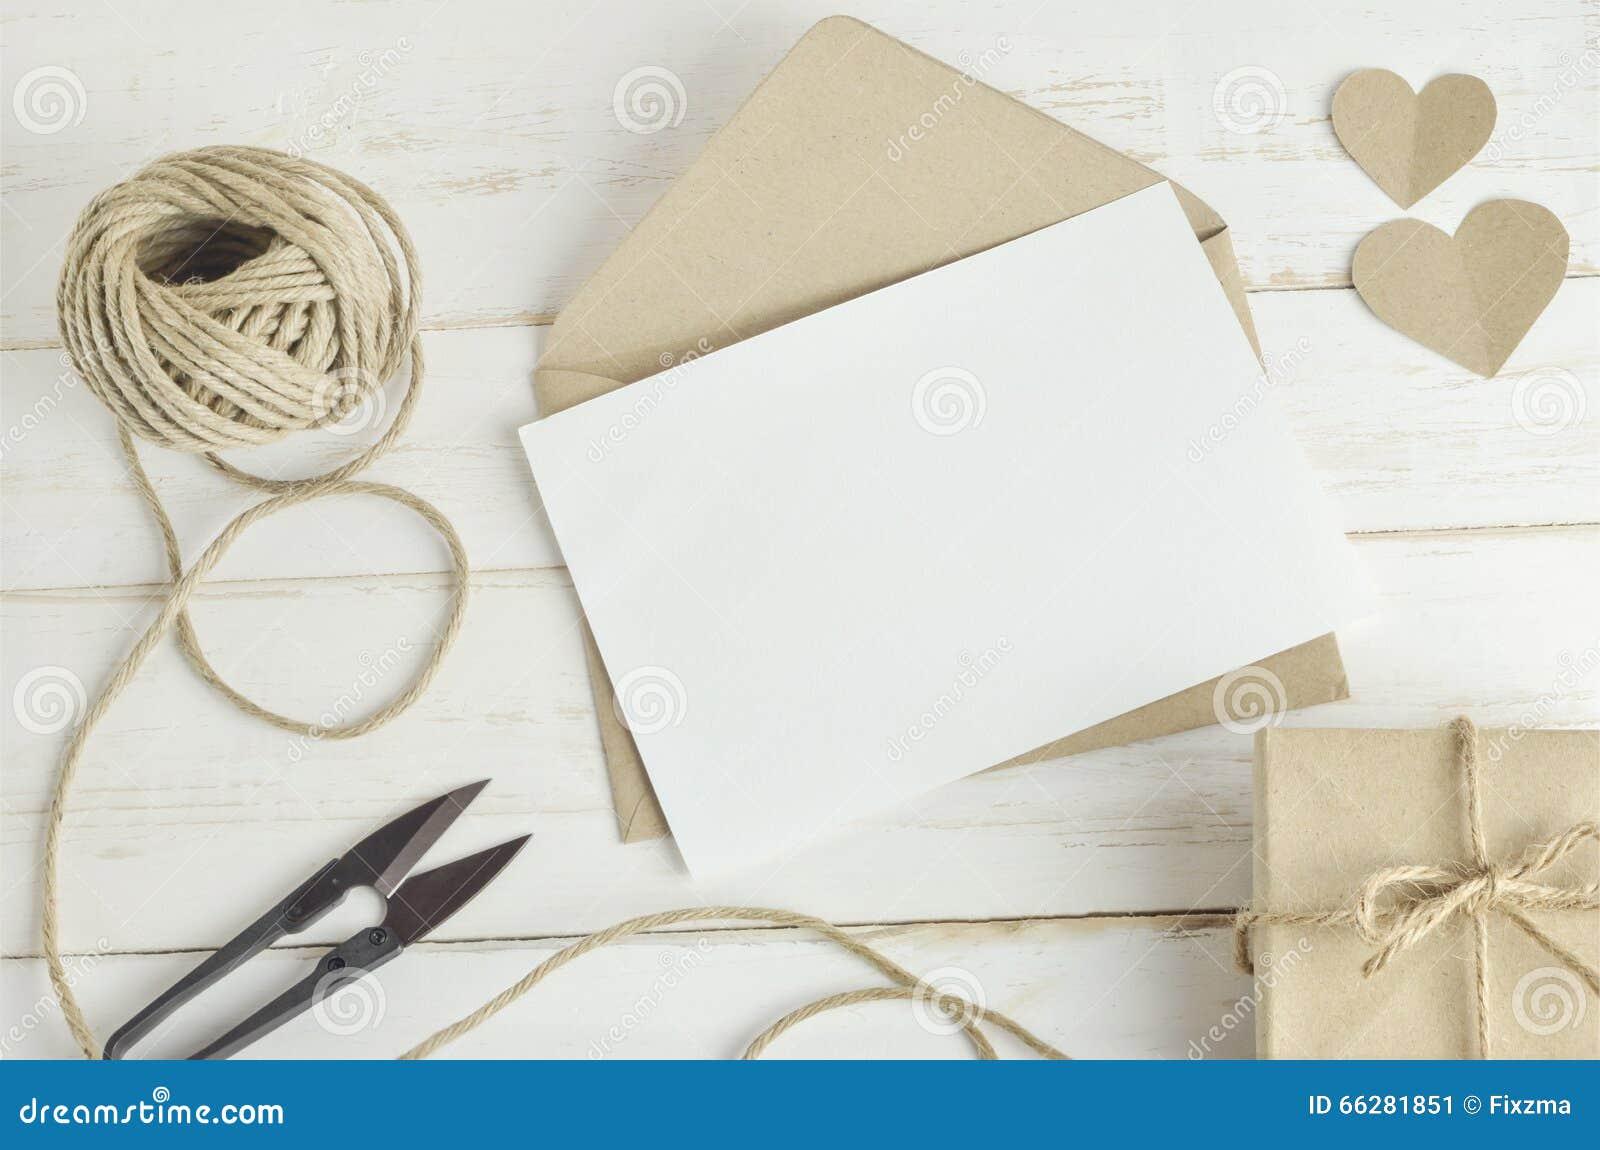 La tarjeta de felicitación con marrón envuelve